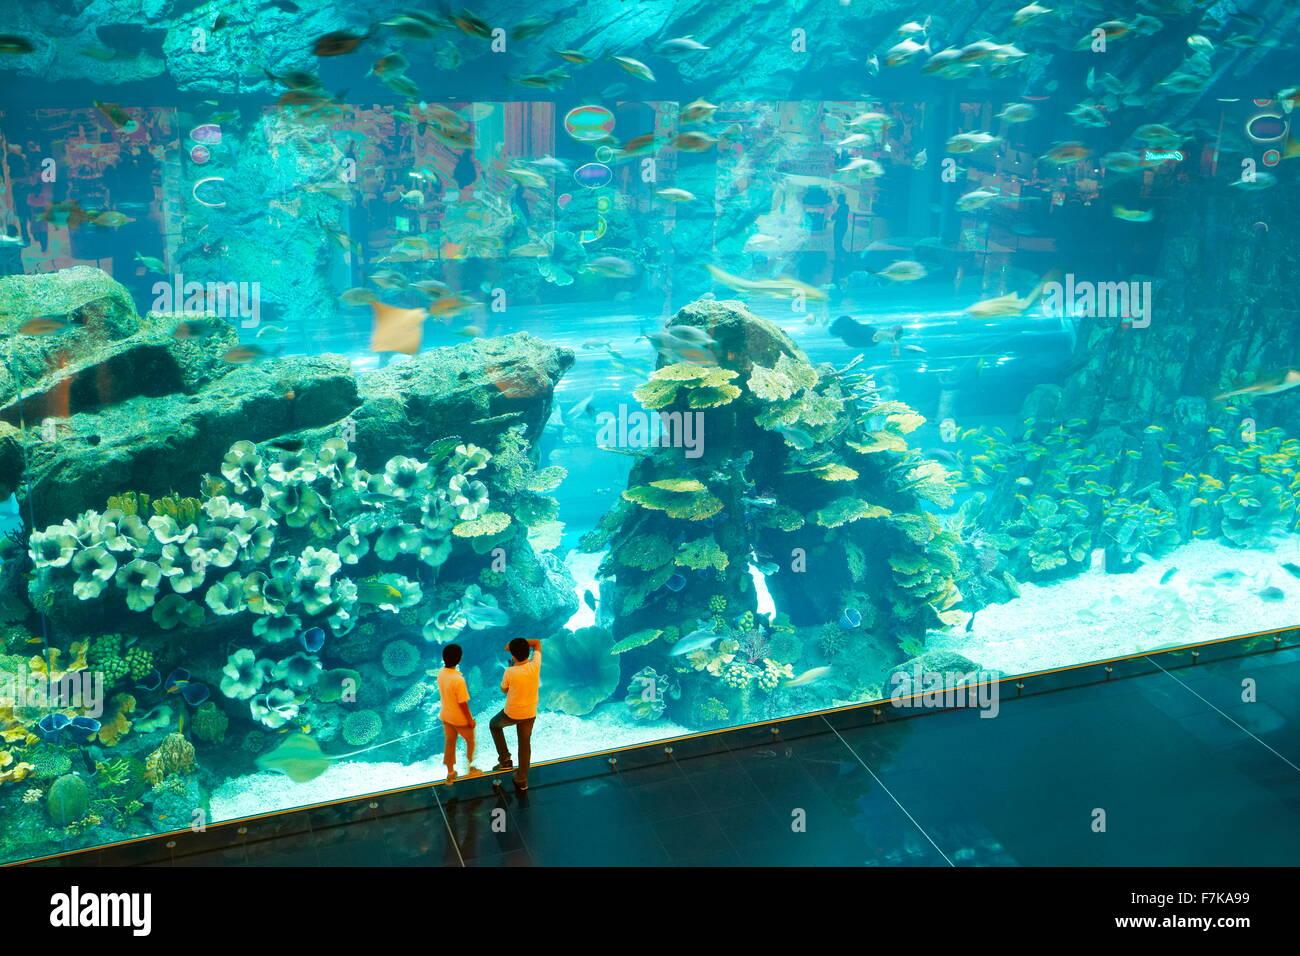 Kinder betrachten die Dubai Mall Aquarium, Dubai, Vereinigte Arabische Emirate, Naher Osten Stockbild